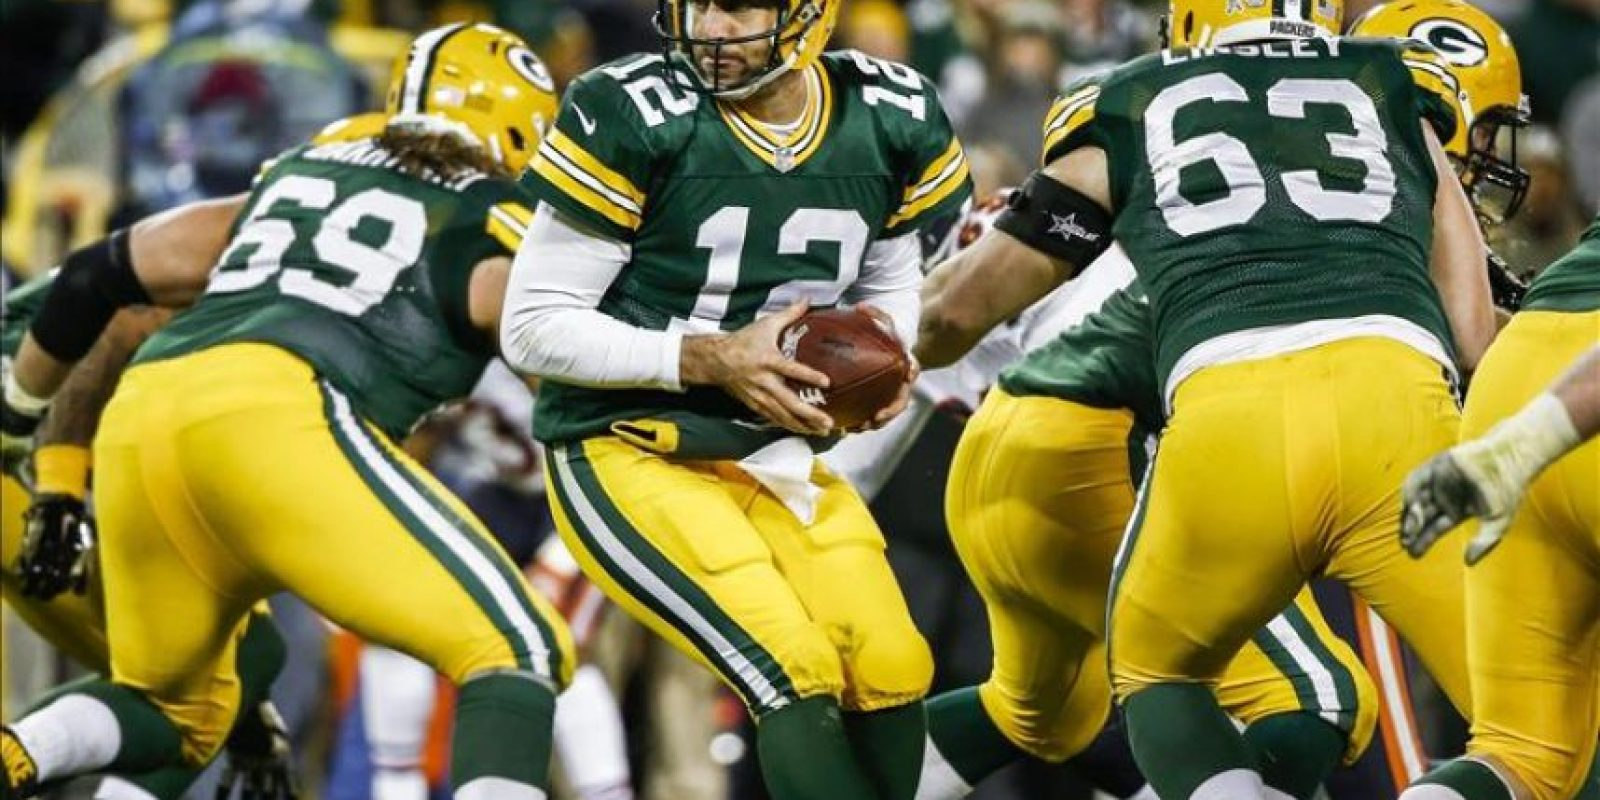 Rodgers completó 18 de 27 pases para 315 yardas con seis pases de anotación, no le interceptaron ningún balón, y dejó en 145,8 su promedio de pasador con los Packers (6-3). EFE